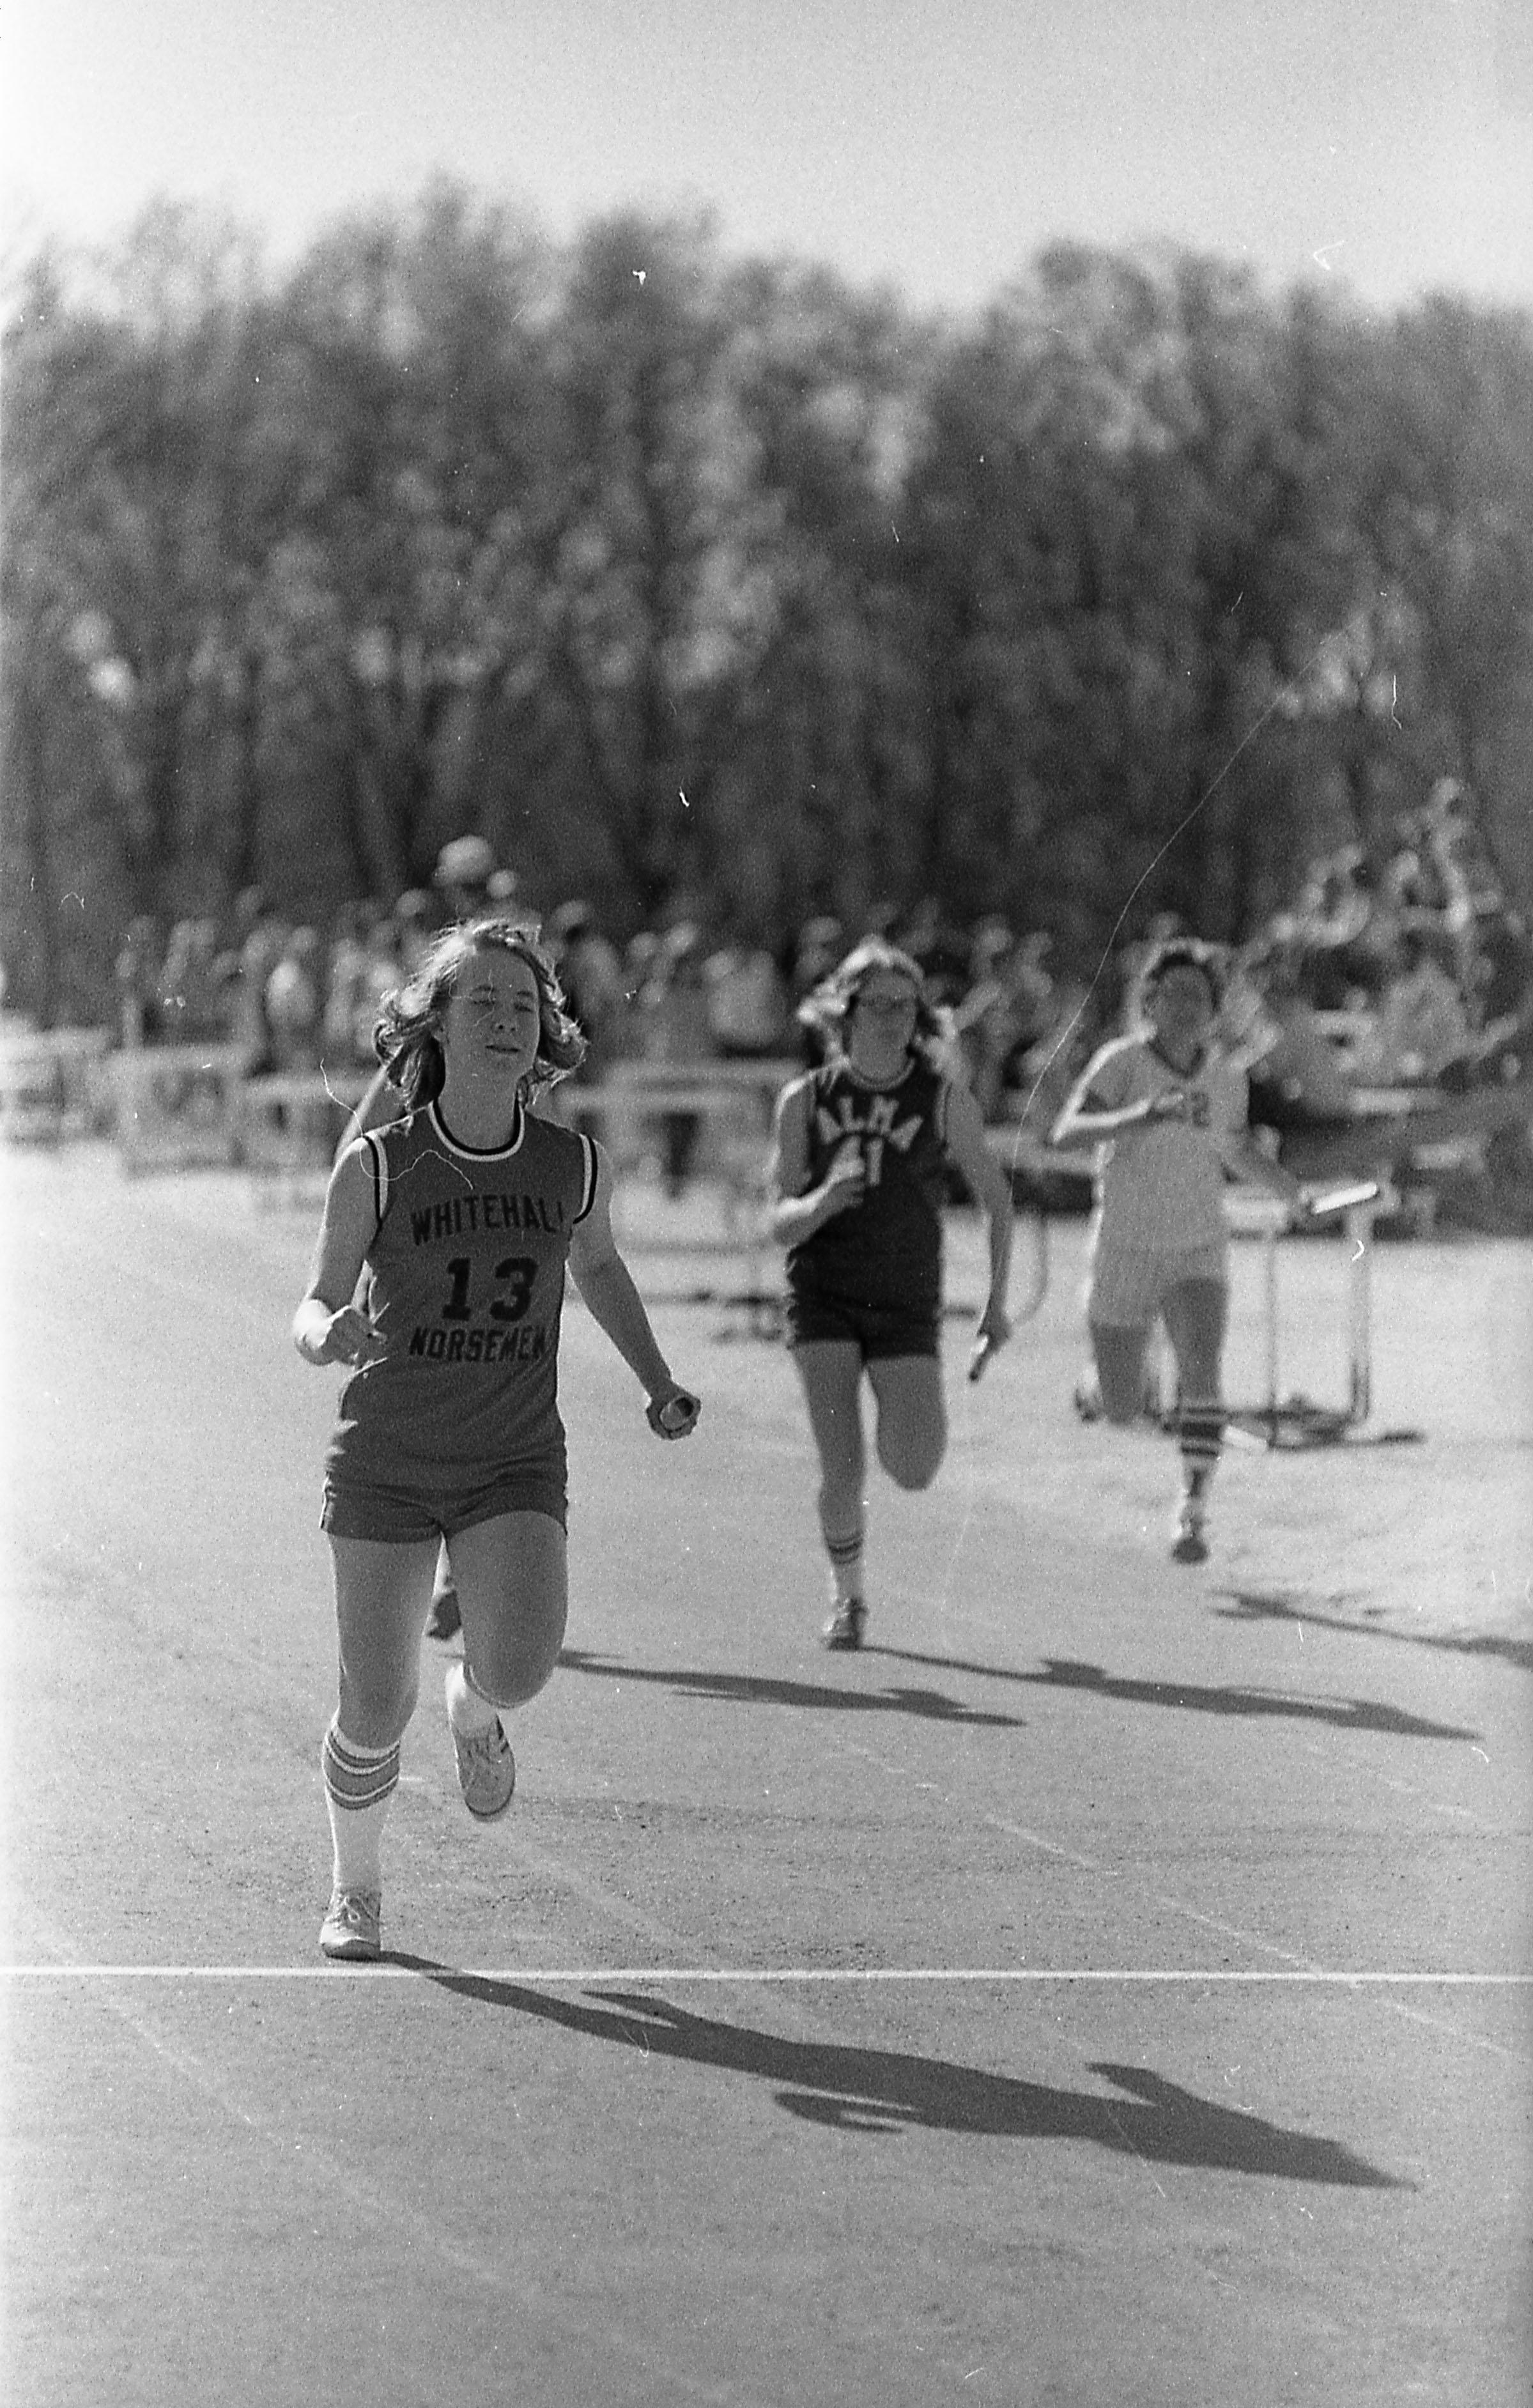 WHS sprinter 76 2.jpg